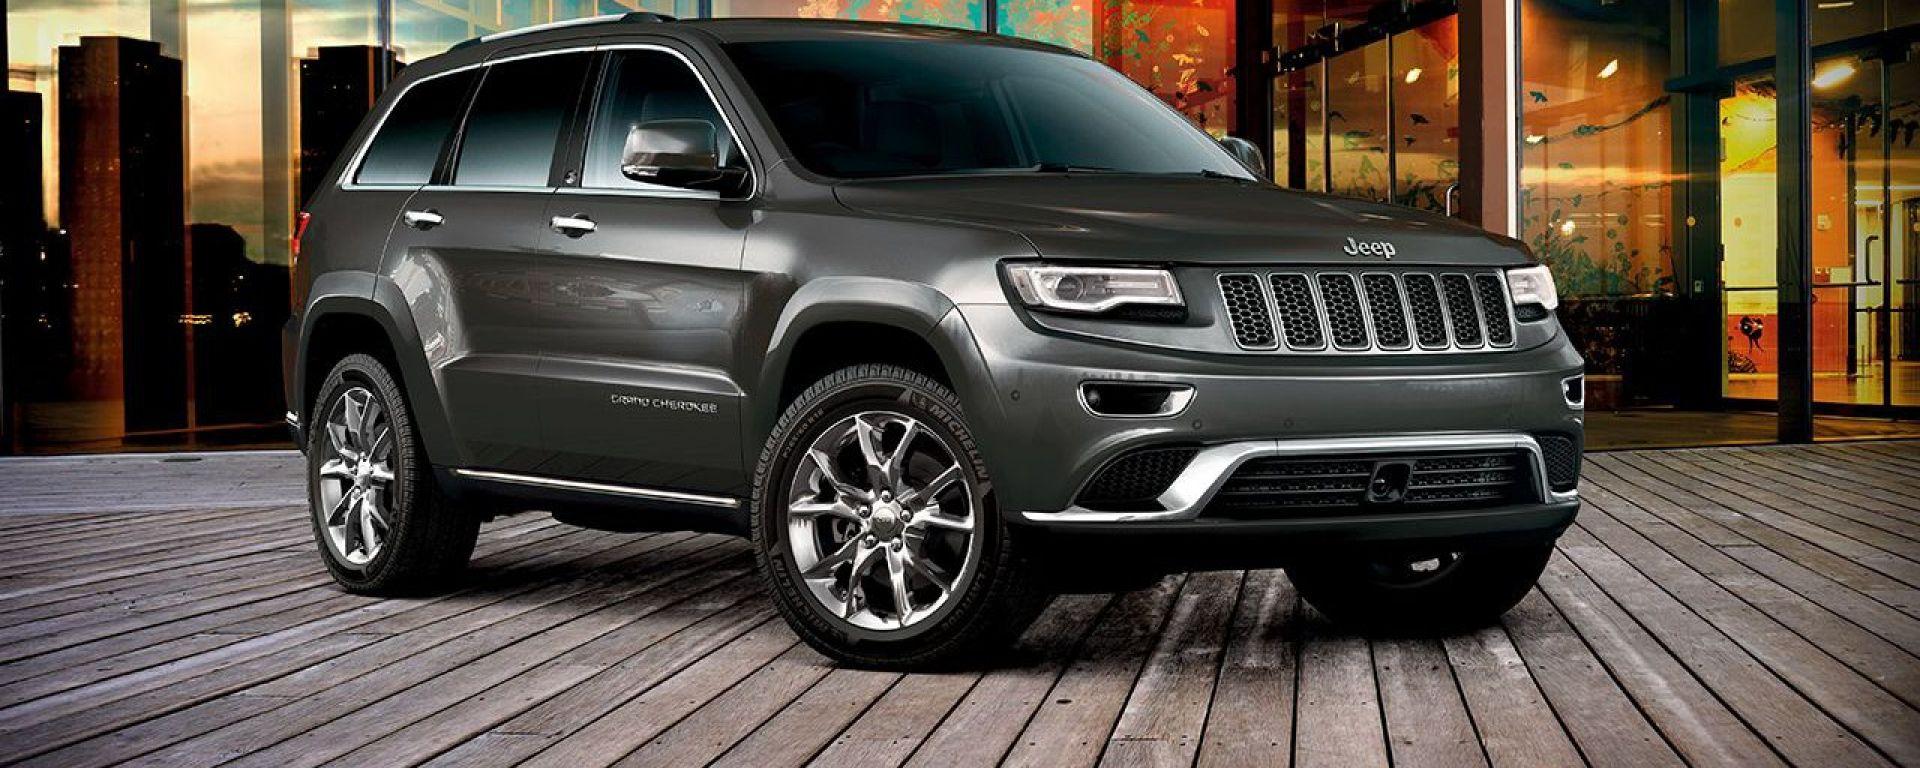 Jeep Grand Cherokee 2015: vista 3/4 anteriore